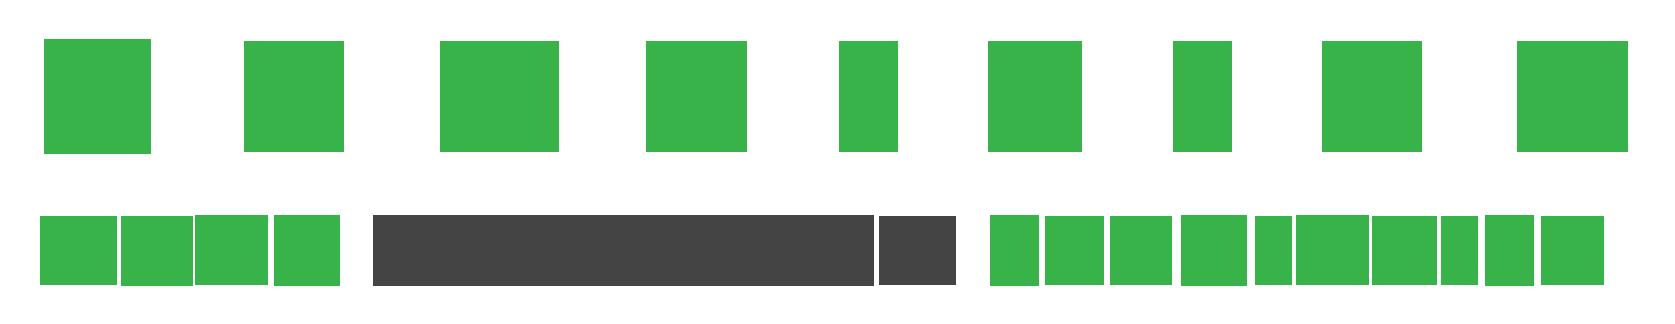 ACWWA020---ACWWA-Certified-Logo-green